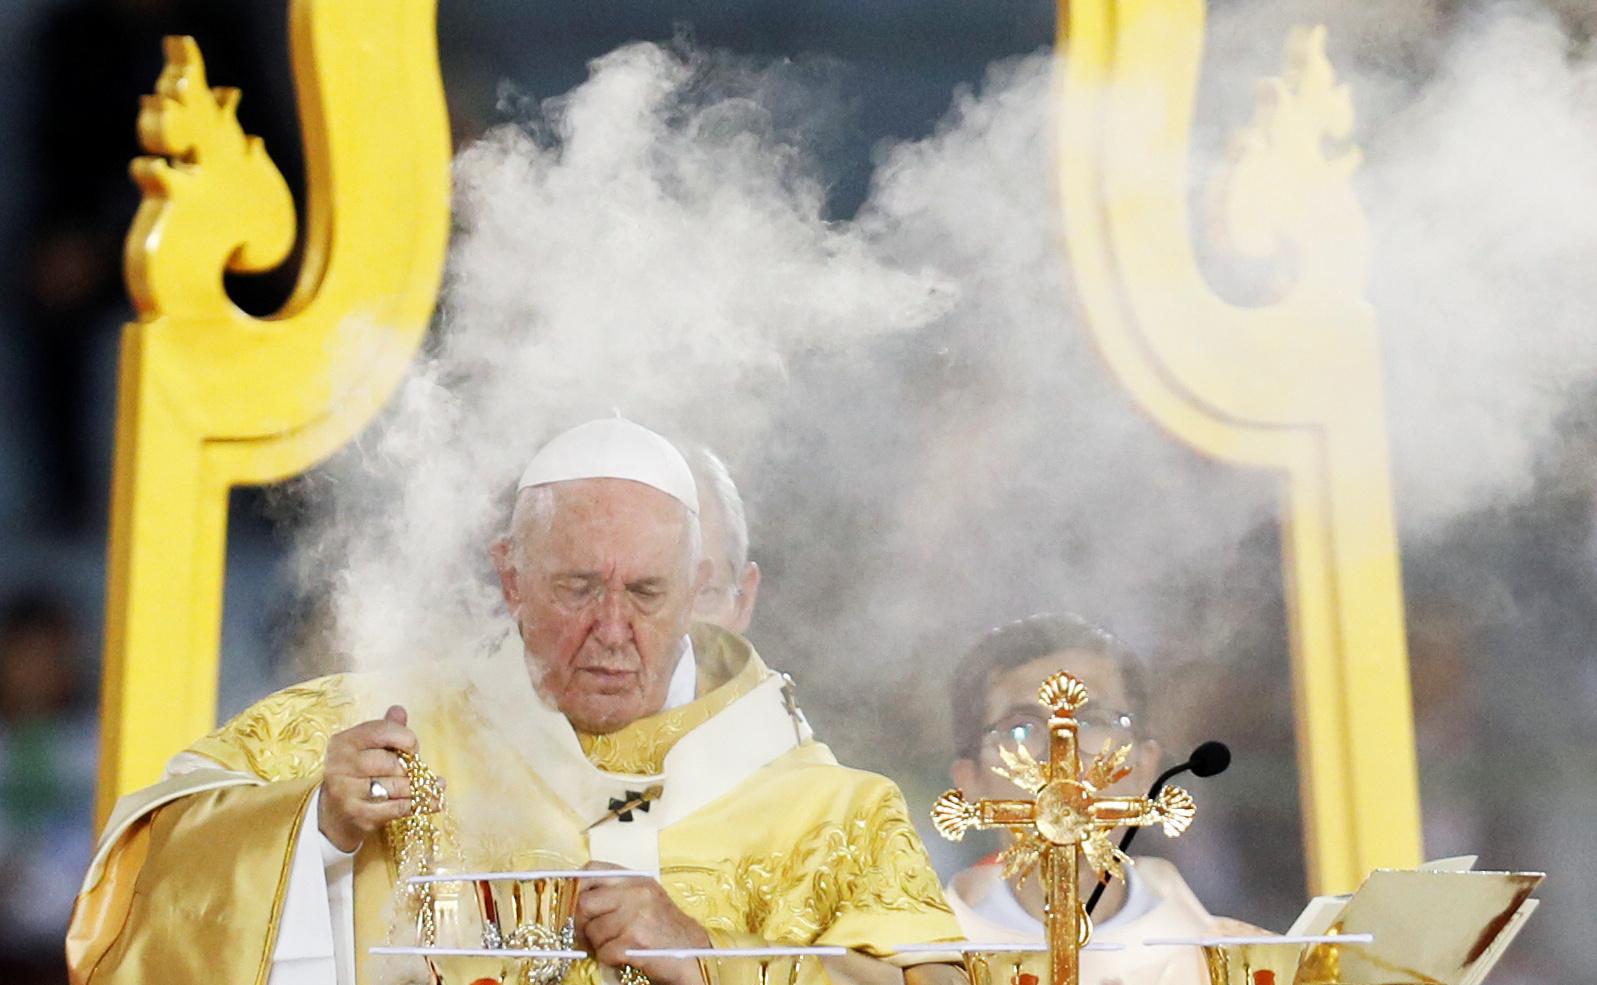 El Papa Francisco dirige la Santa Misa en el Estadio Nacional de Bangkok, Tailandia, el 21 de noviembre de 2019. (REUTERS / Soe Zeya Tun)